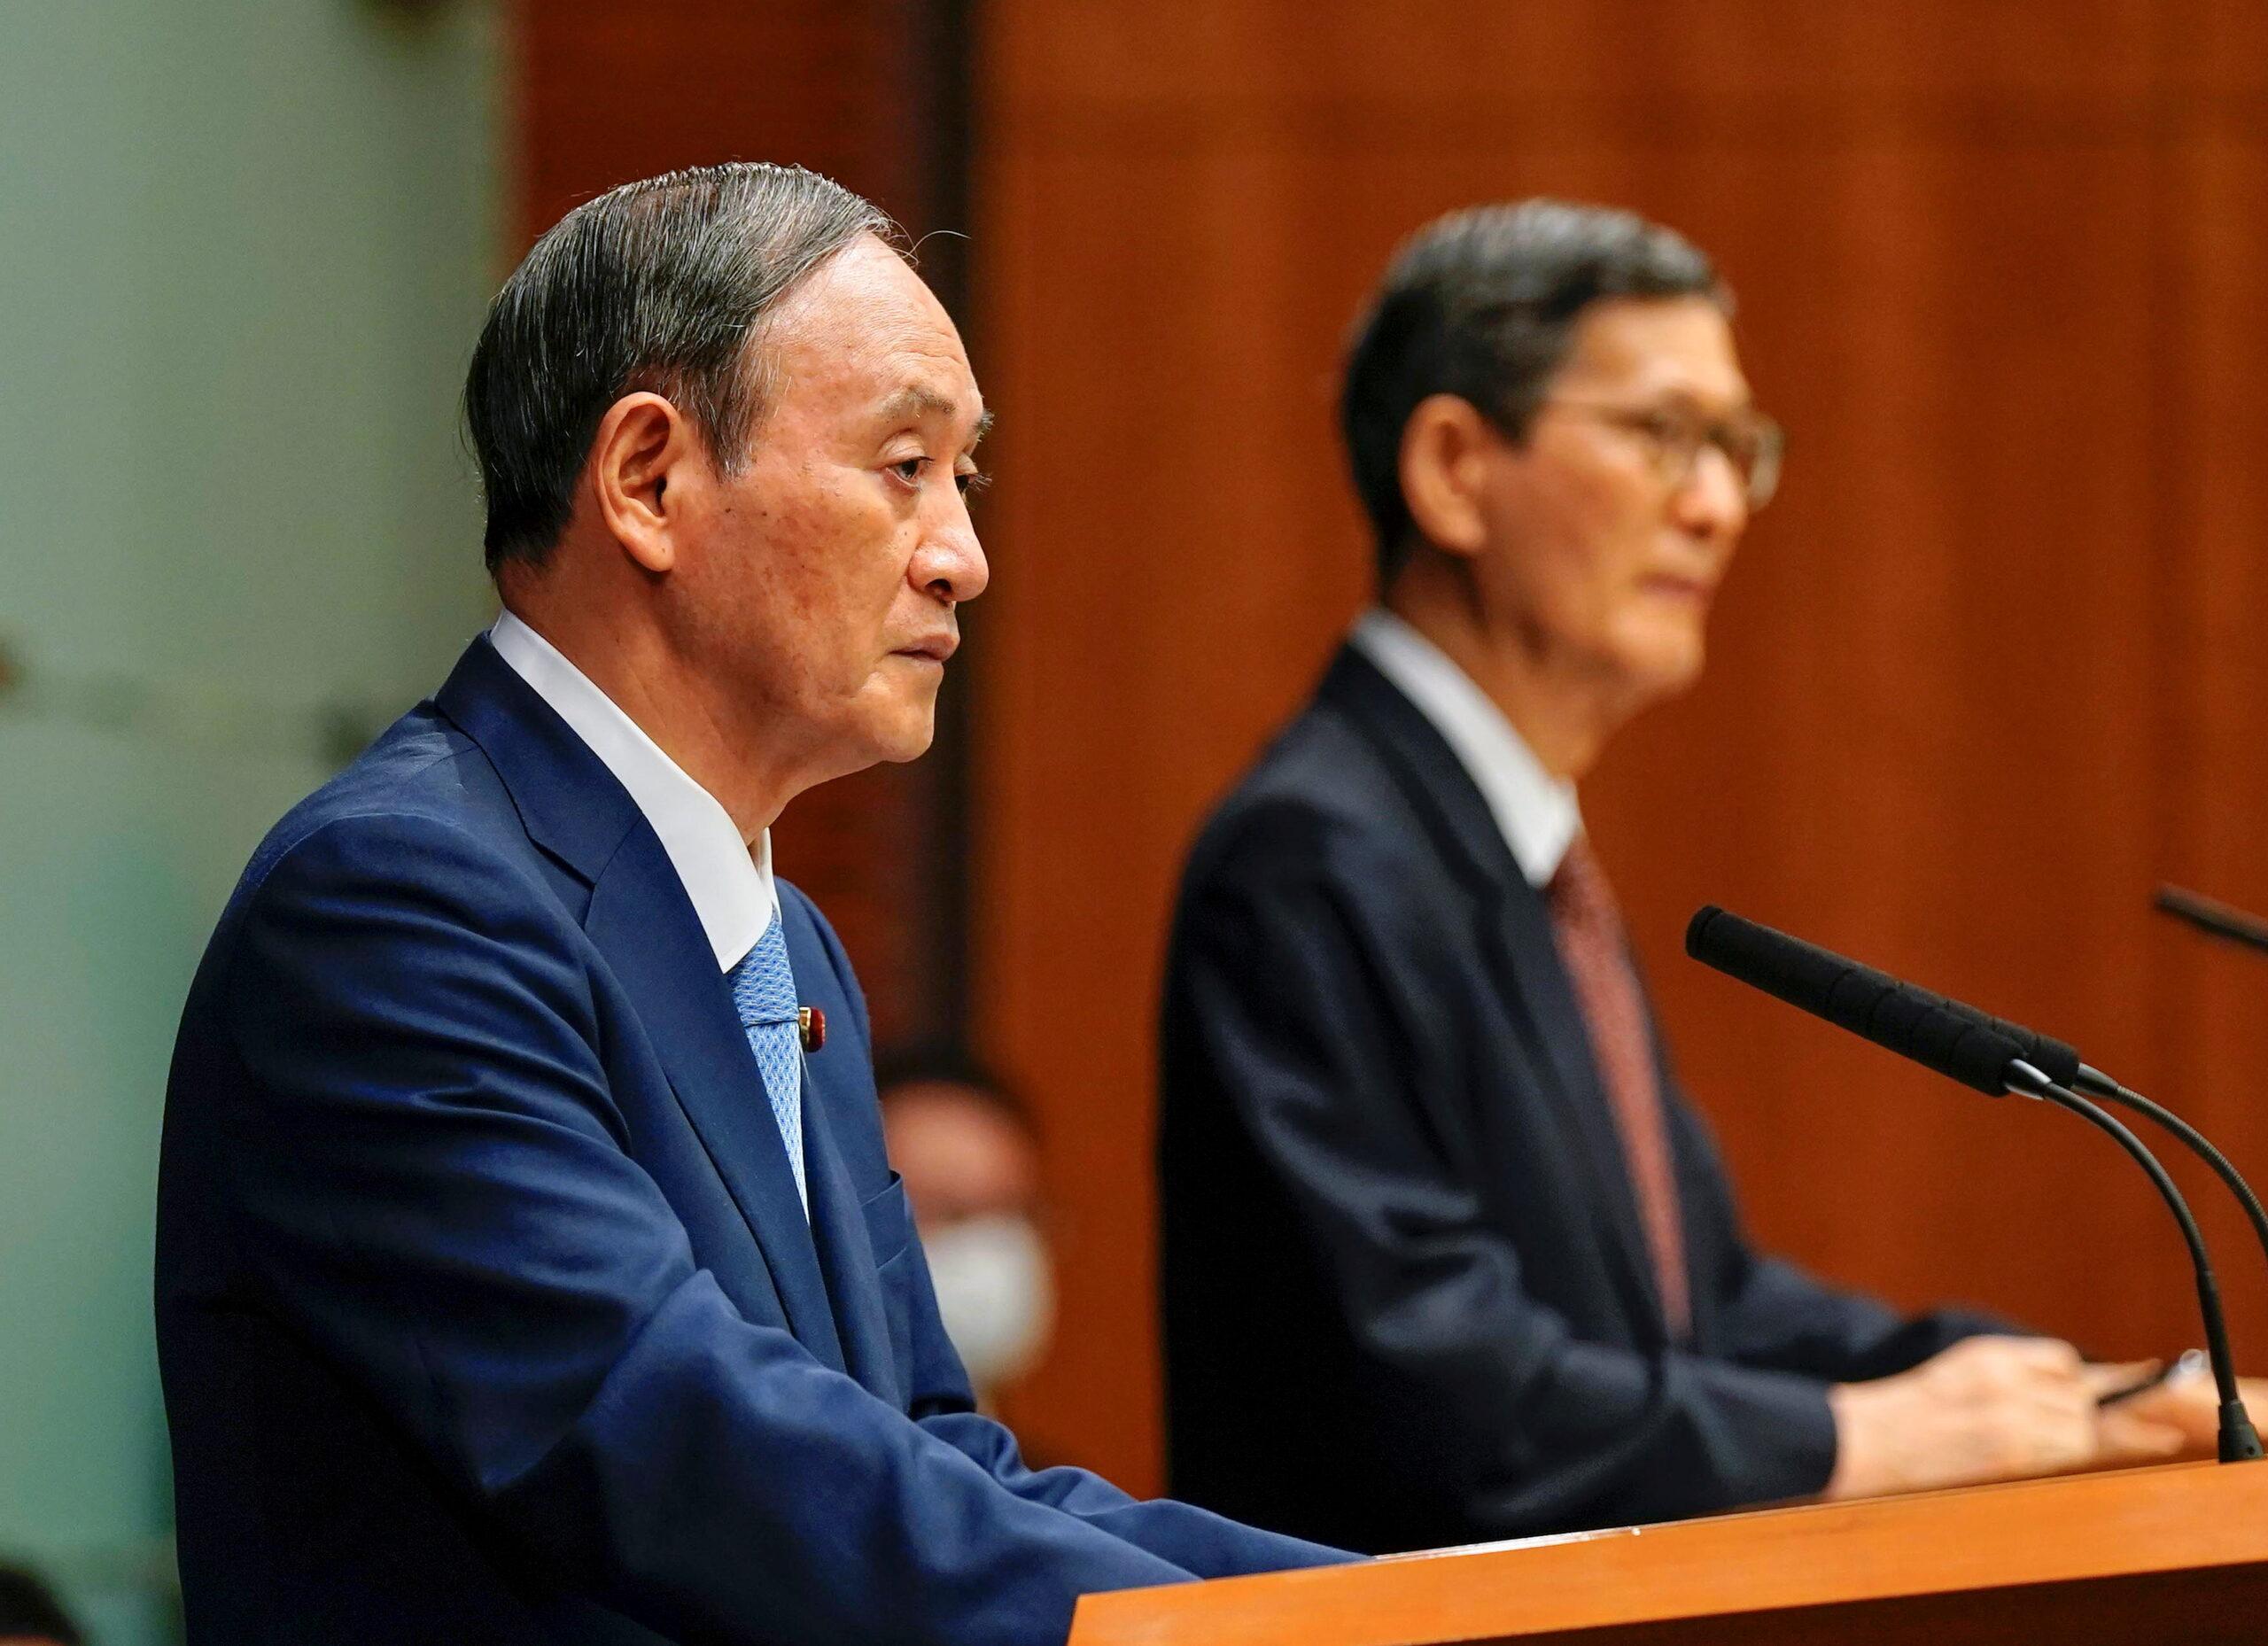 โยชิฮิเดะ ซูงะ : ย้อนรอยเหตุคะแนนนิยมลด ซาโยนาระเก้าอี้นายกฯญี่ปุ่น – ต่างประเทศ